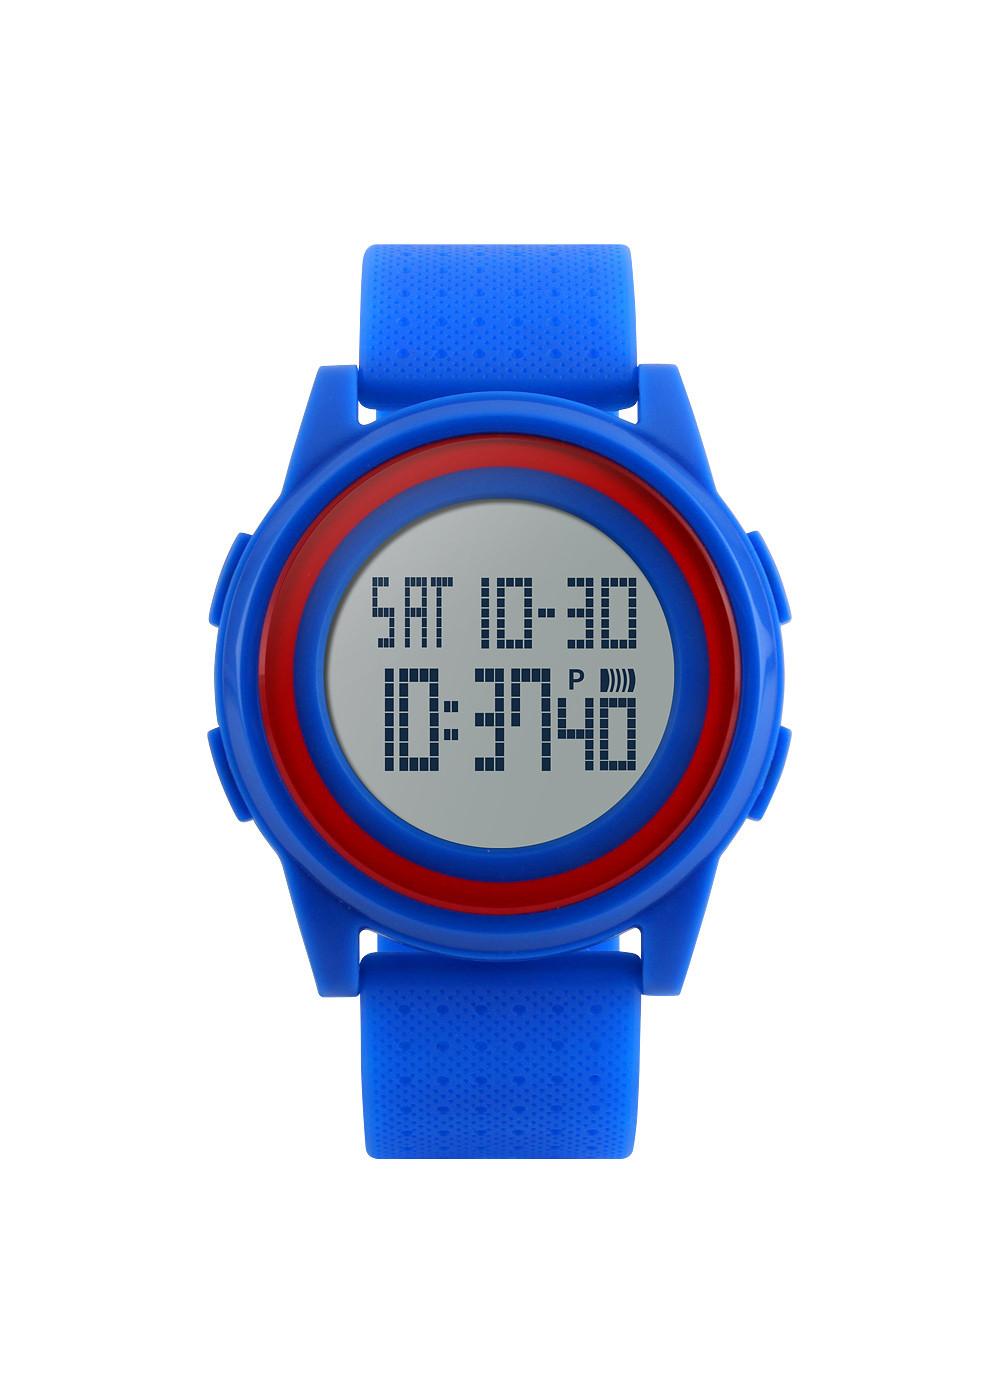 Đồng hồ đeo tay Skmei - 1206BU-Hàng Chính Hãng